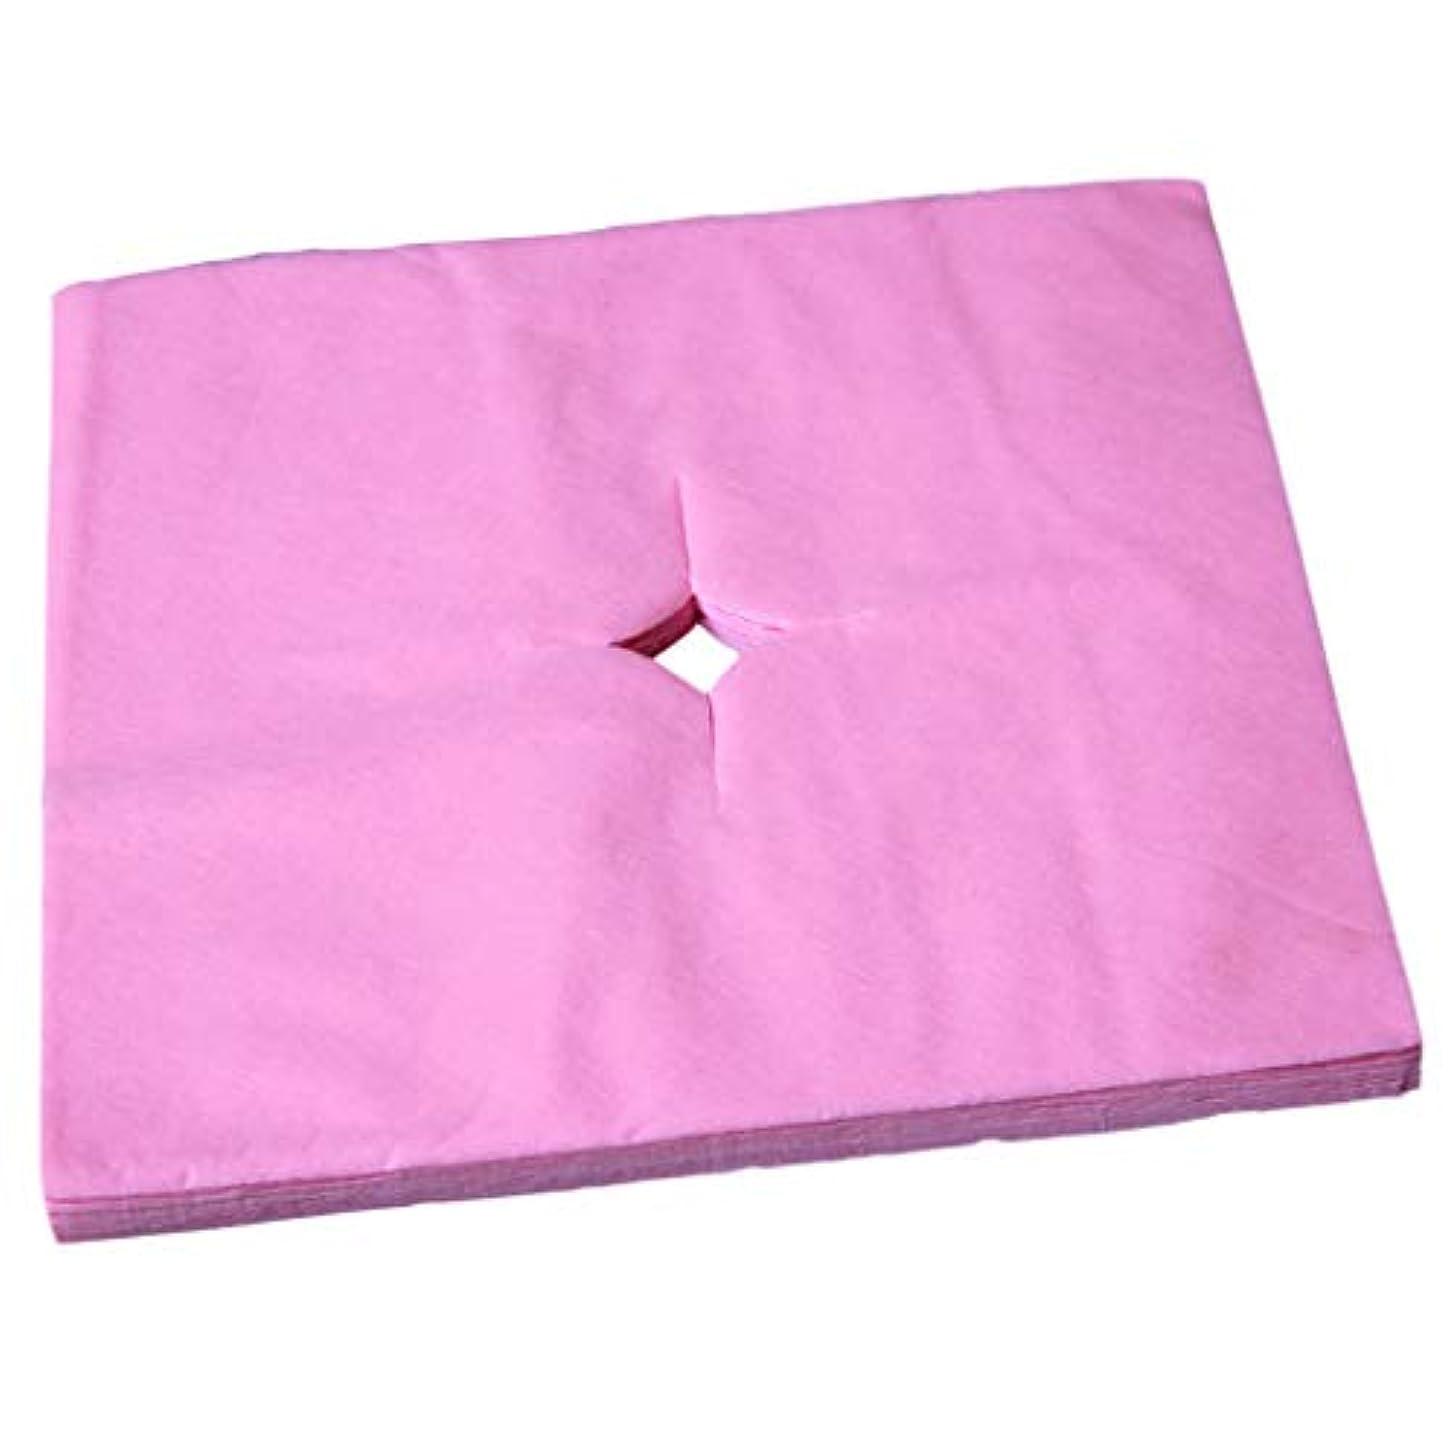 有用作ります小屋sharprepublic フェイスクレードルカバー マッサージフェイスカバー マッサージサロン 使い捨て 寝具カバー 全3色 - ピンク